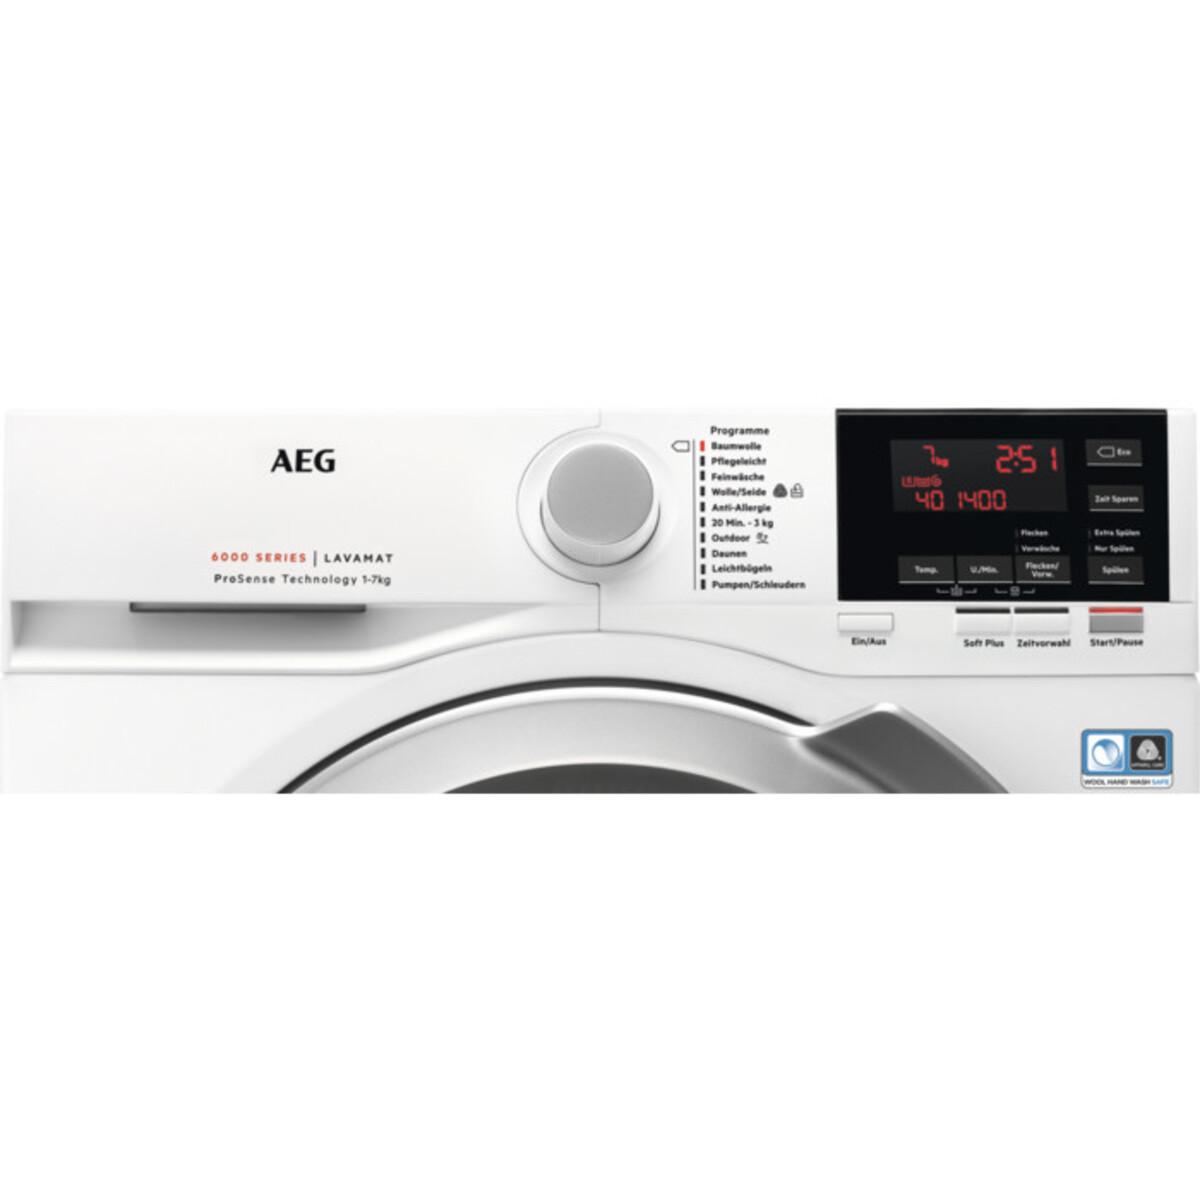 Bild 2 von AEG Waschmaschine L6FB647FH (A+++, 7 kg Fasungsvermögen, 1400 U/min, Schontrommel, Aquastop, Display, Inverter)